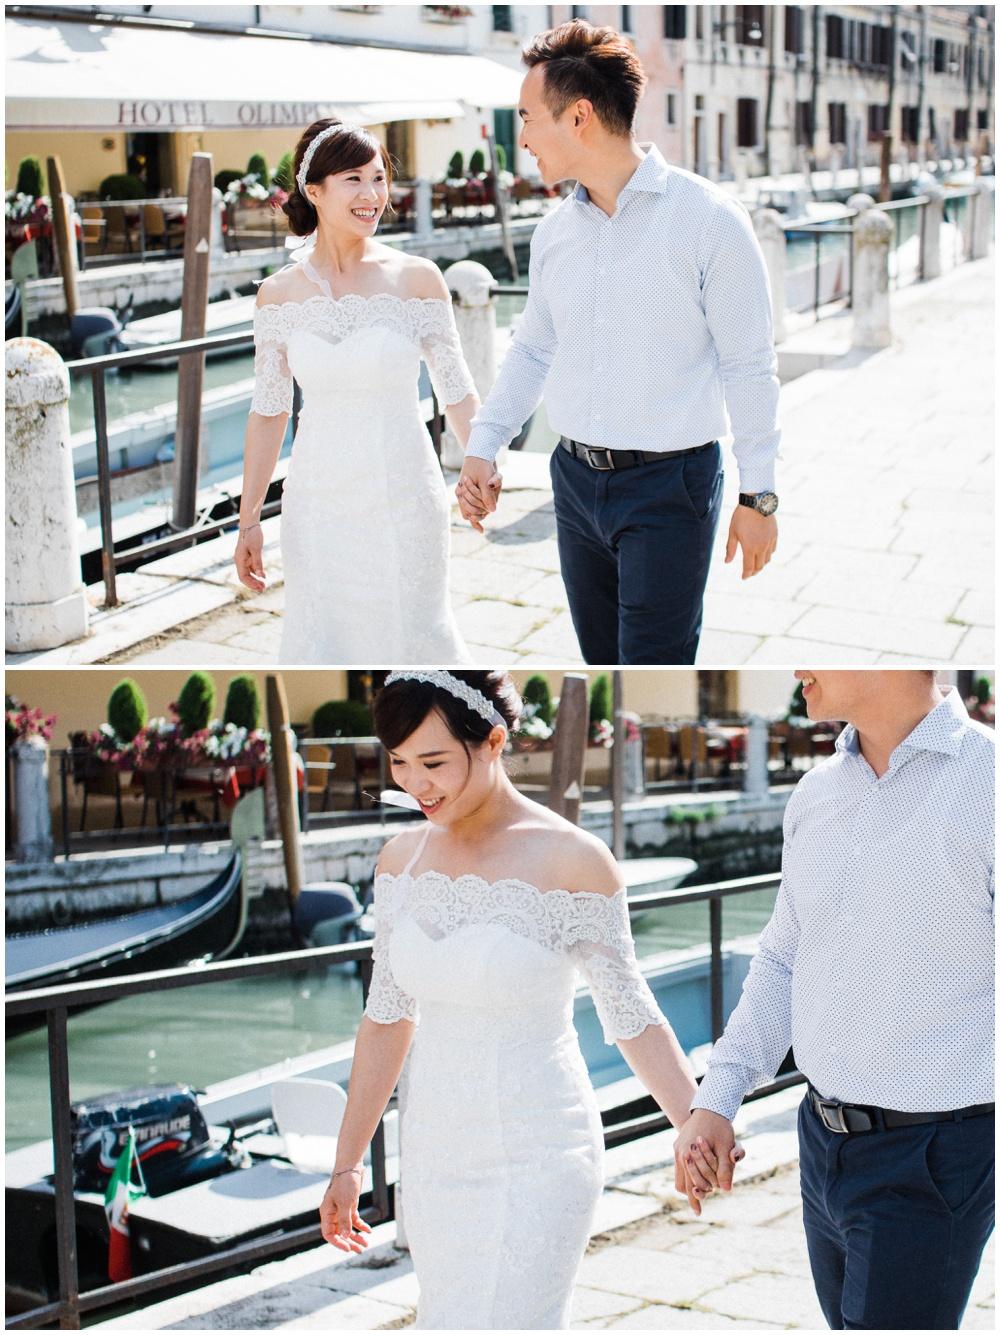 威尼斯 - 意大利的婚礼摄影师-stefano-degirmenci_0054.jpg